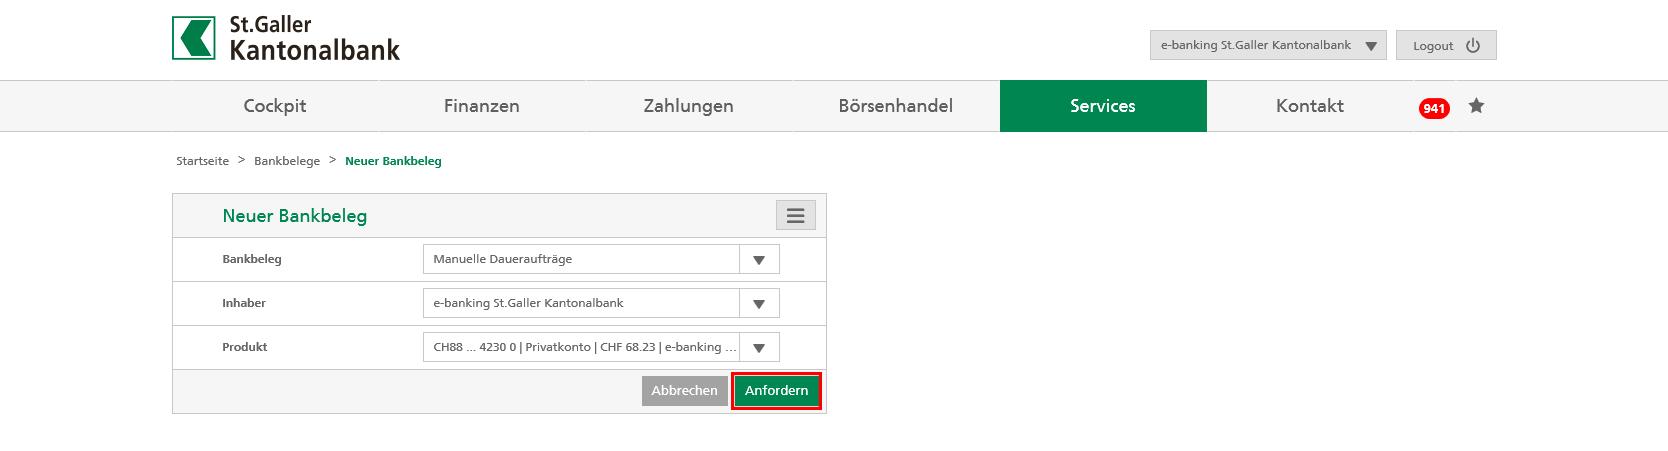 Anleitung E-Banking